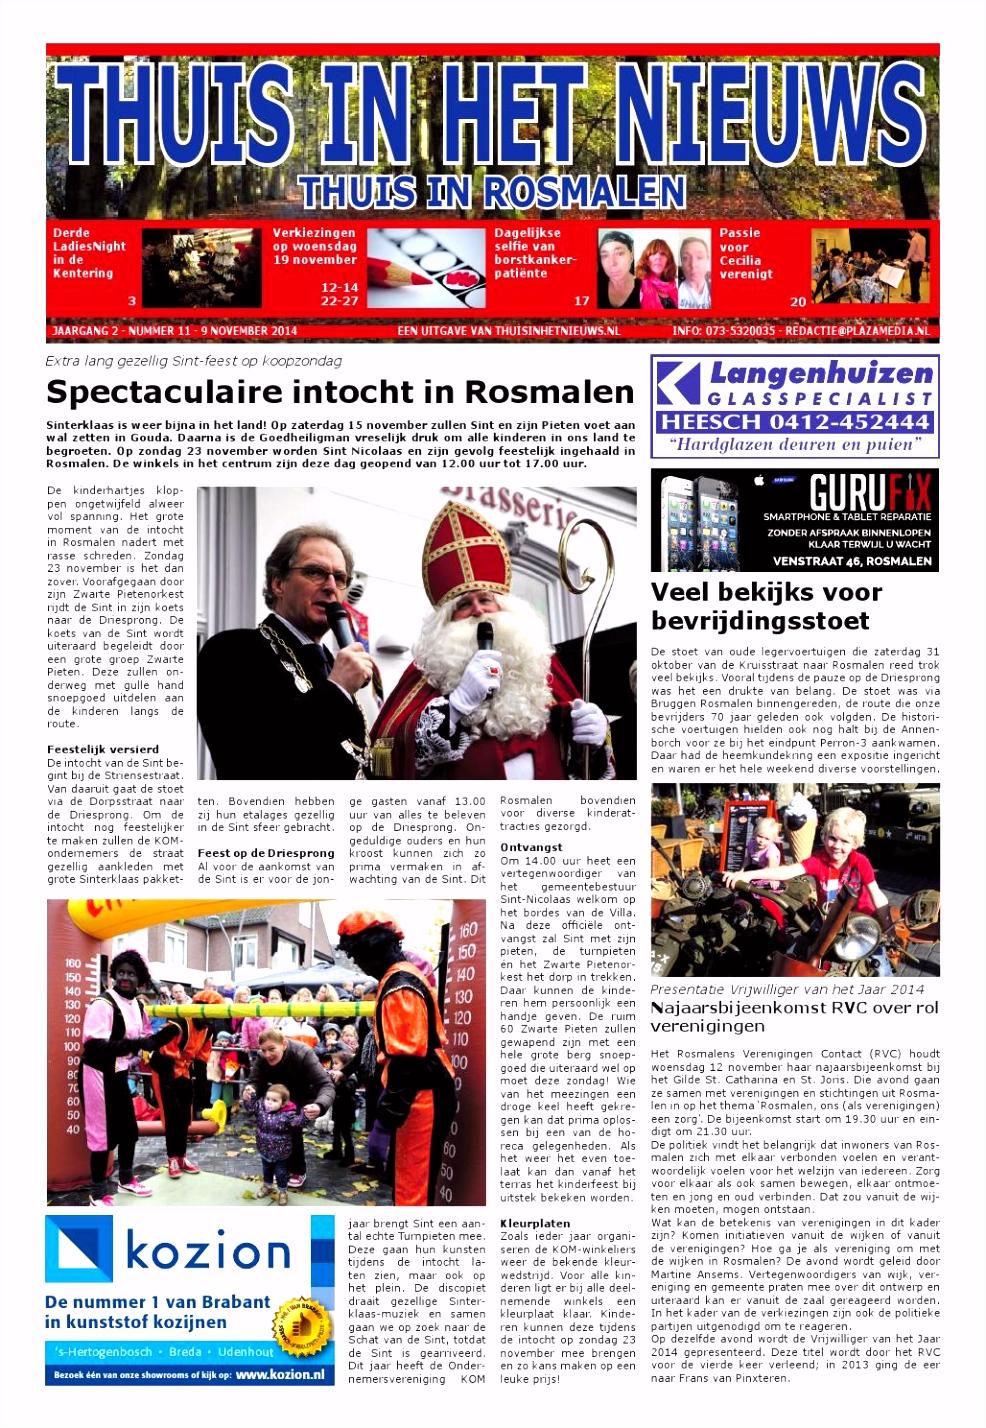 Thuis in het Nieuws editie Rosmalen 2014 11 by ThuisinhetNieuws issuu